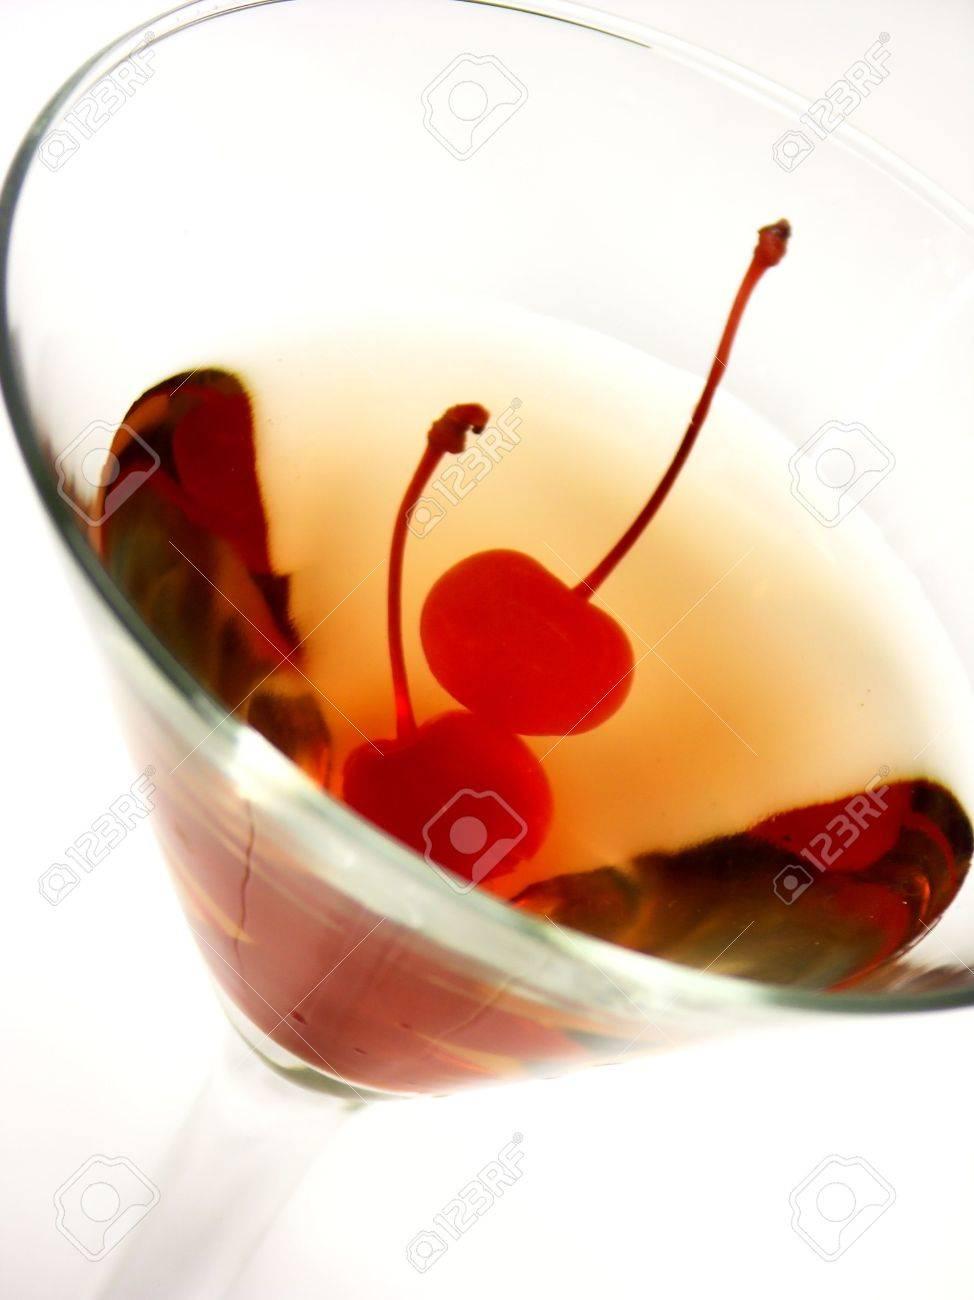 martini with 2 cherries Stock Photo - 241518